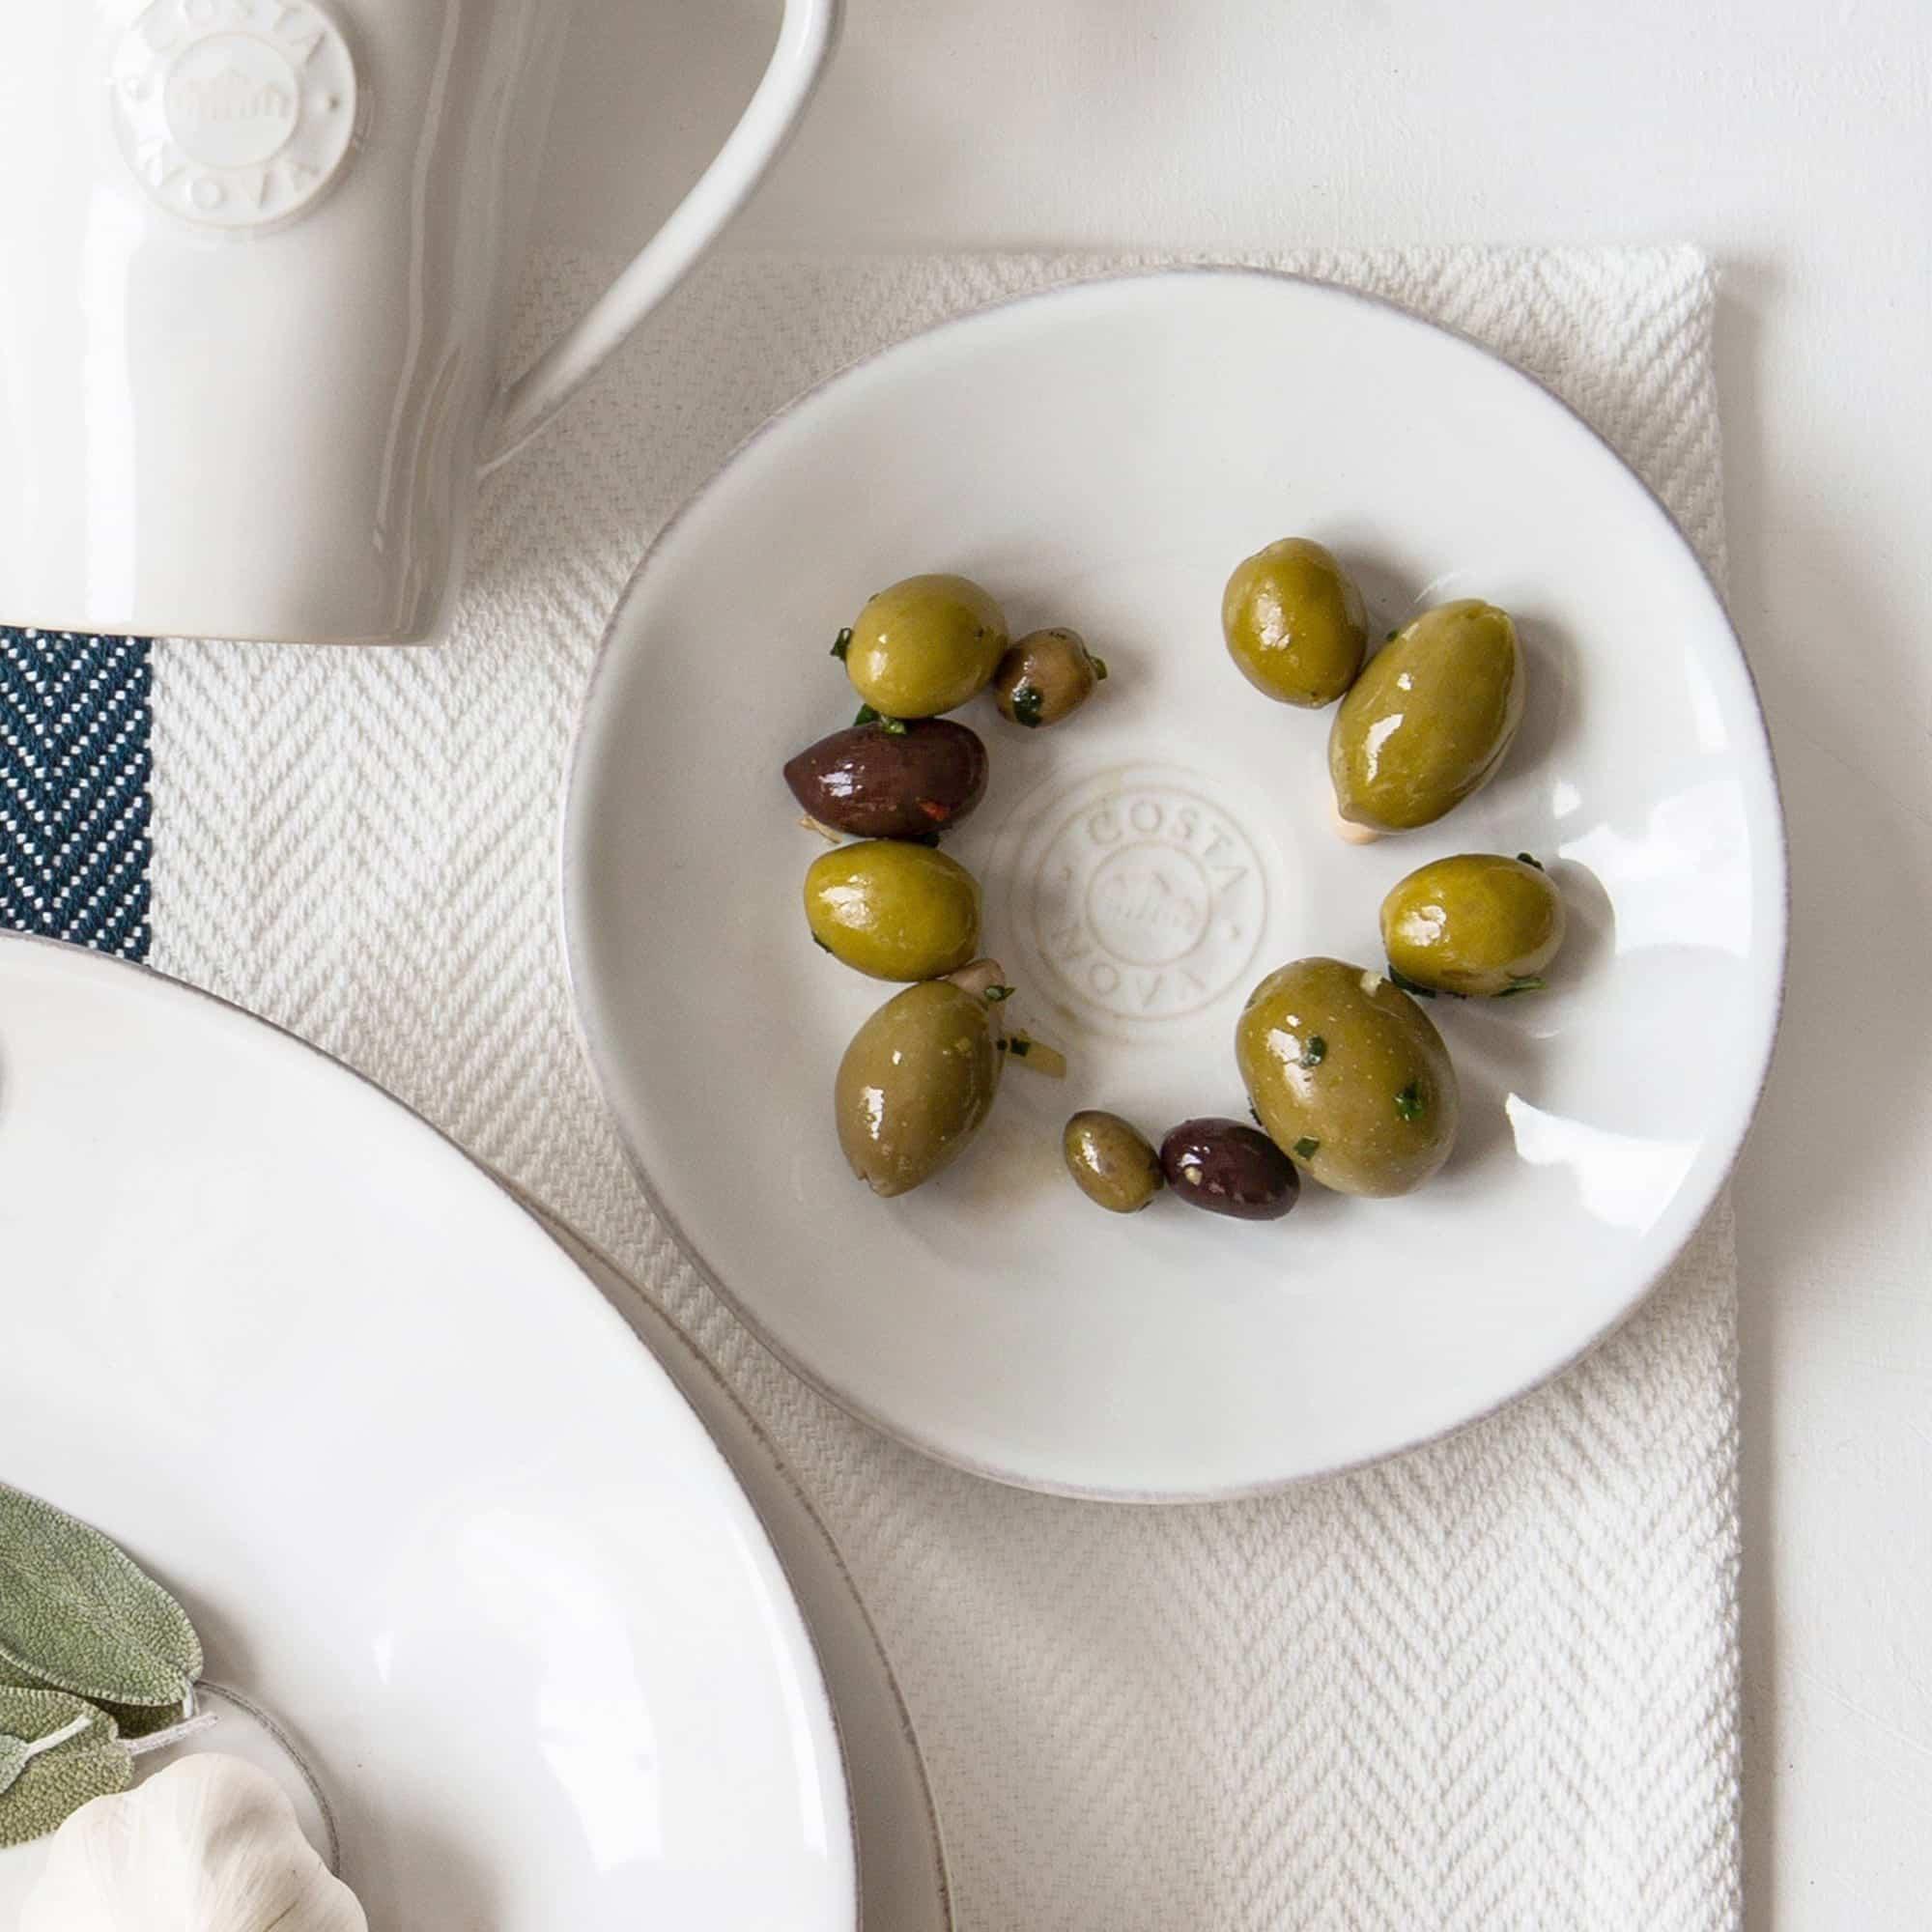 Brotteller in Weiß | mediterranes Speise und Kuchen Frühstücks Geschirr - in Weiß, Türkis, Blau erhältlich. Für Spülmaschine / Mikrowelle